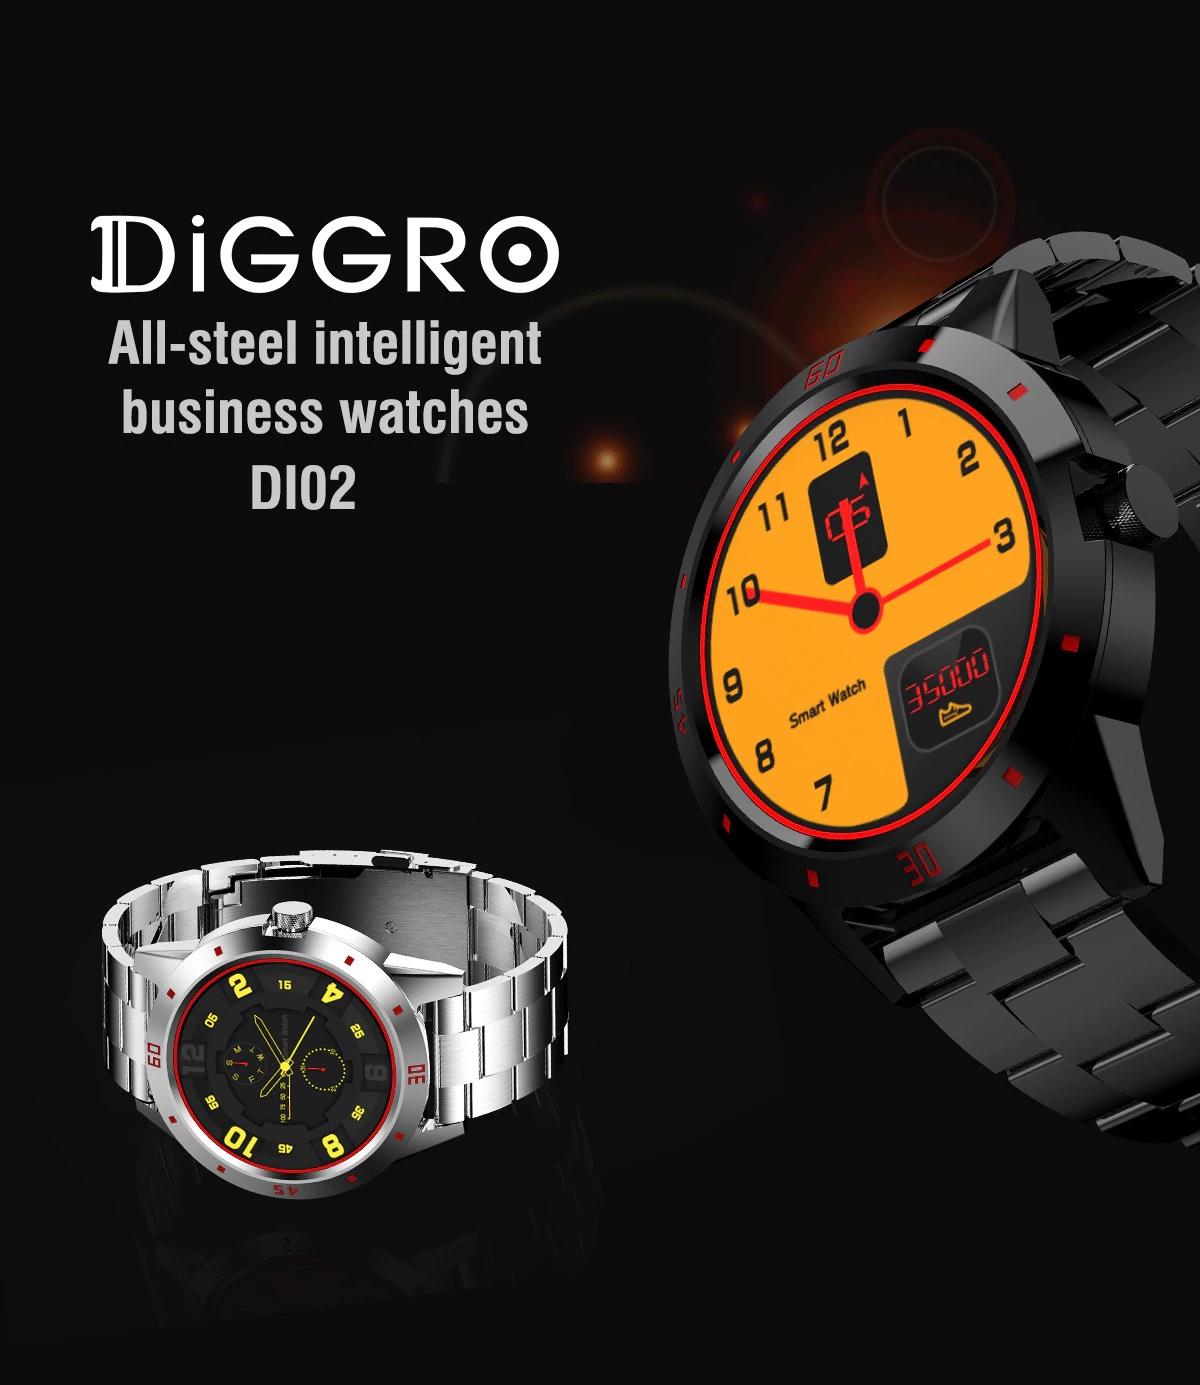 Diggro DI02 introducción